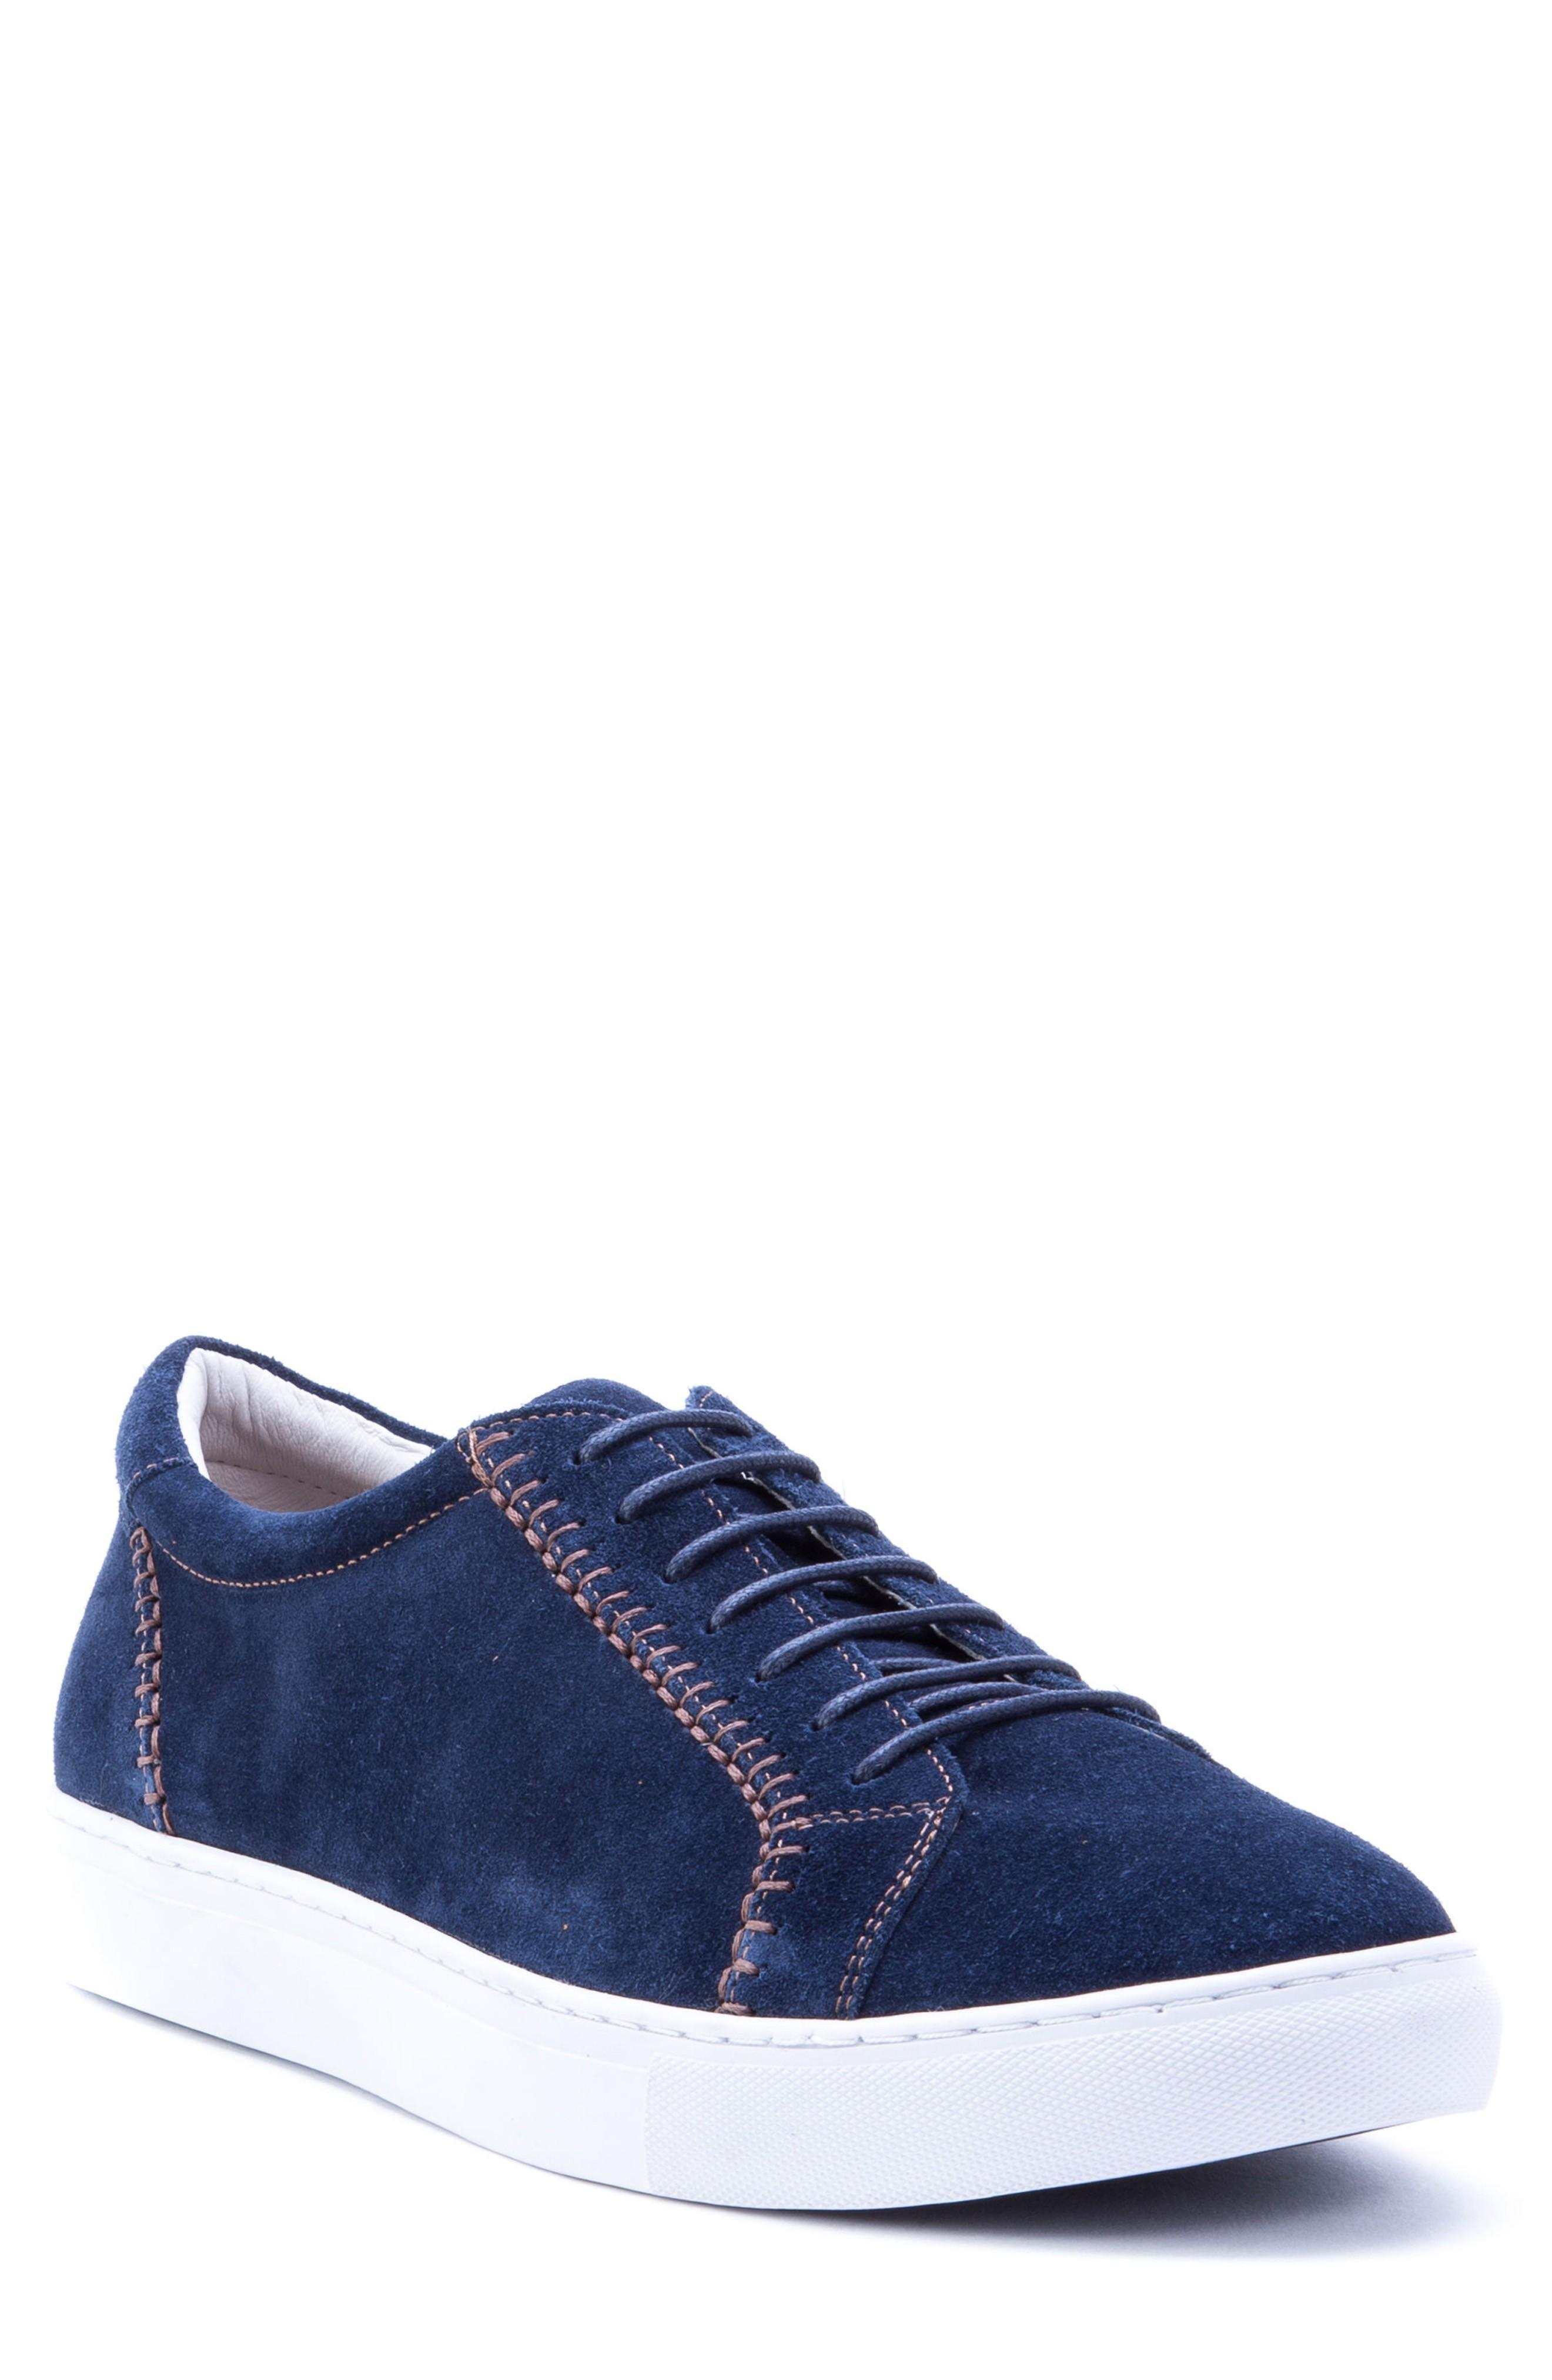 Robert Graham Calle Low Top Sneaker In Nocolor